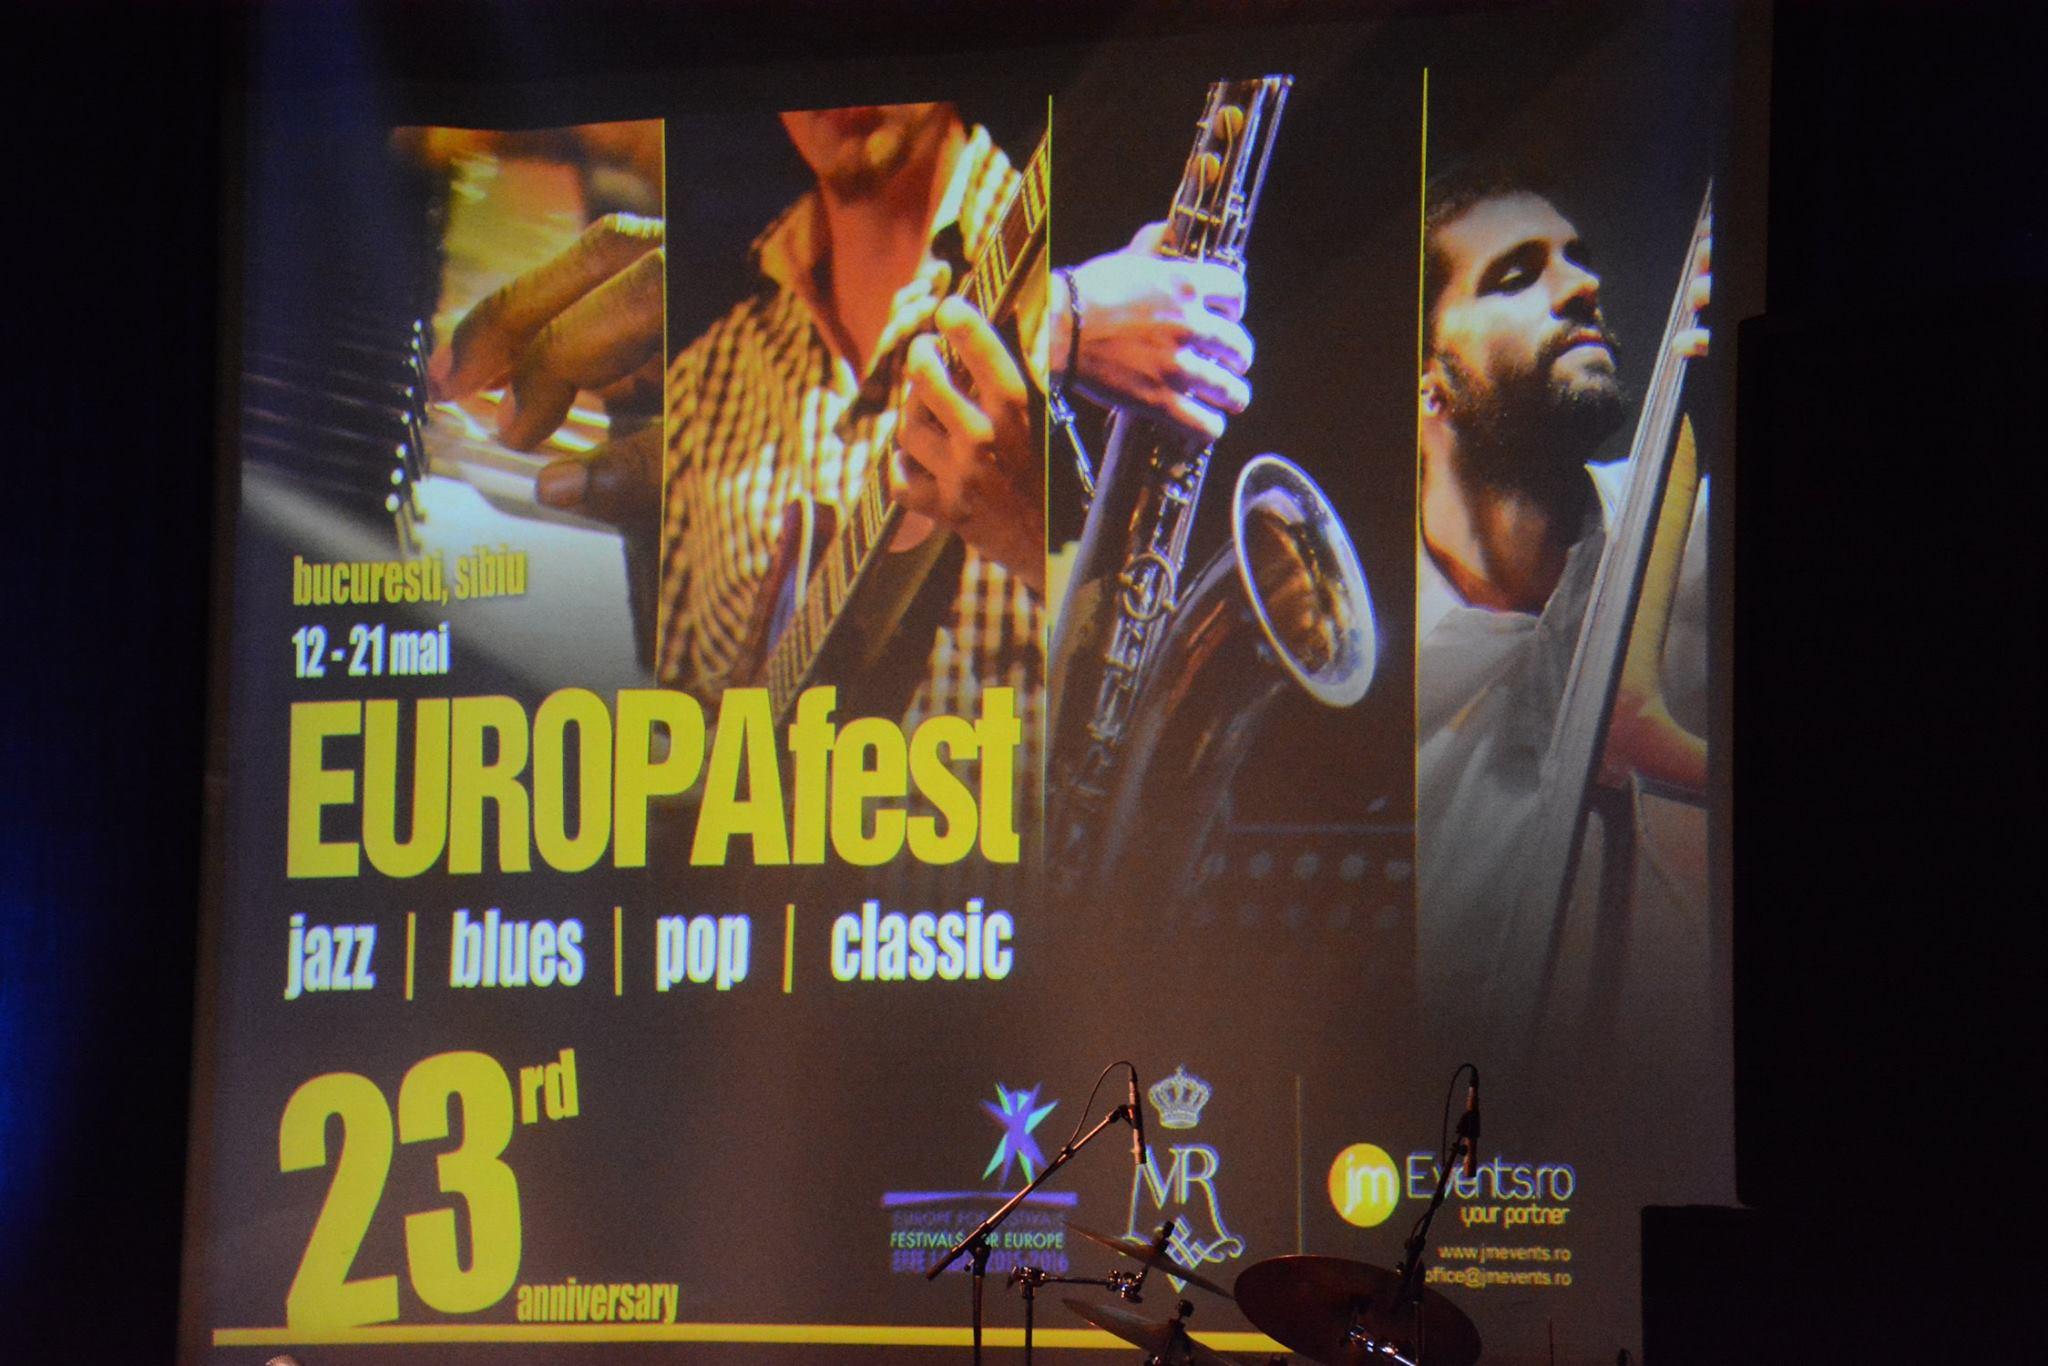 Europa Fest 2016